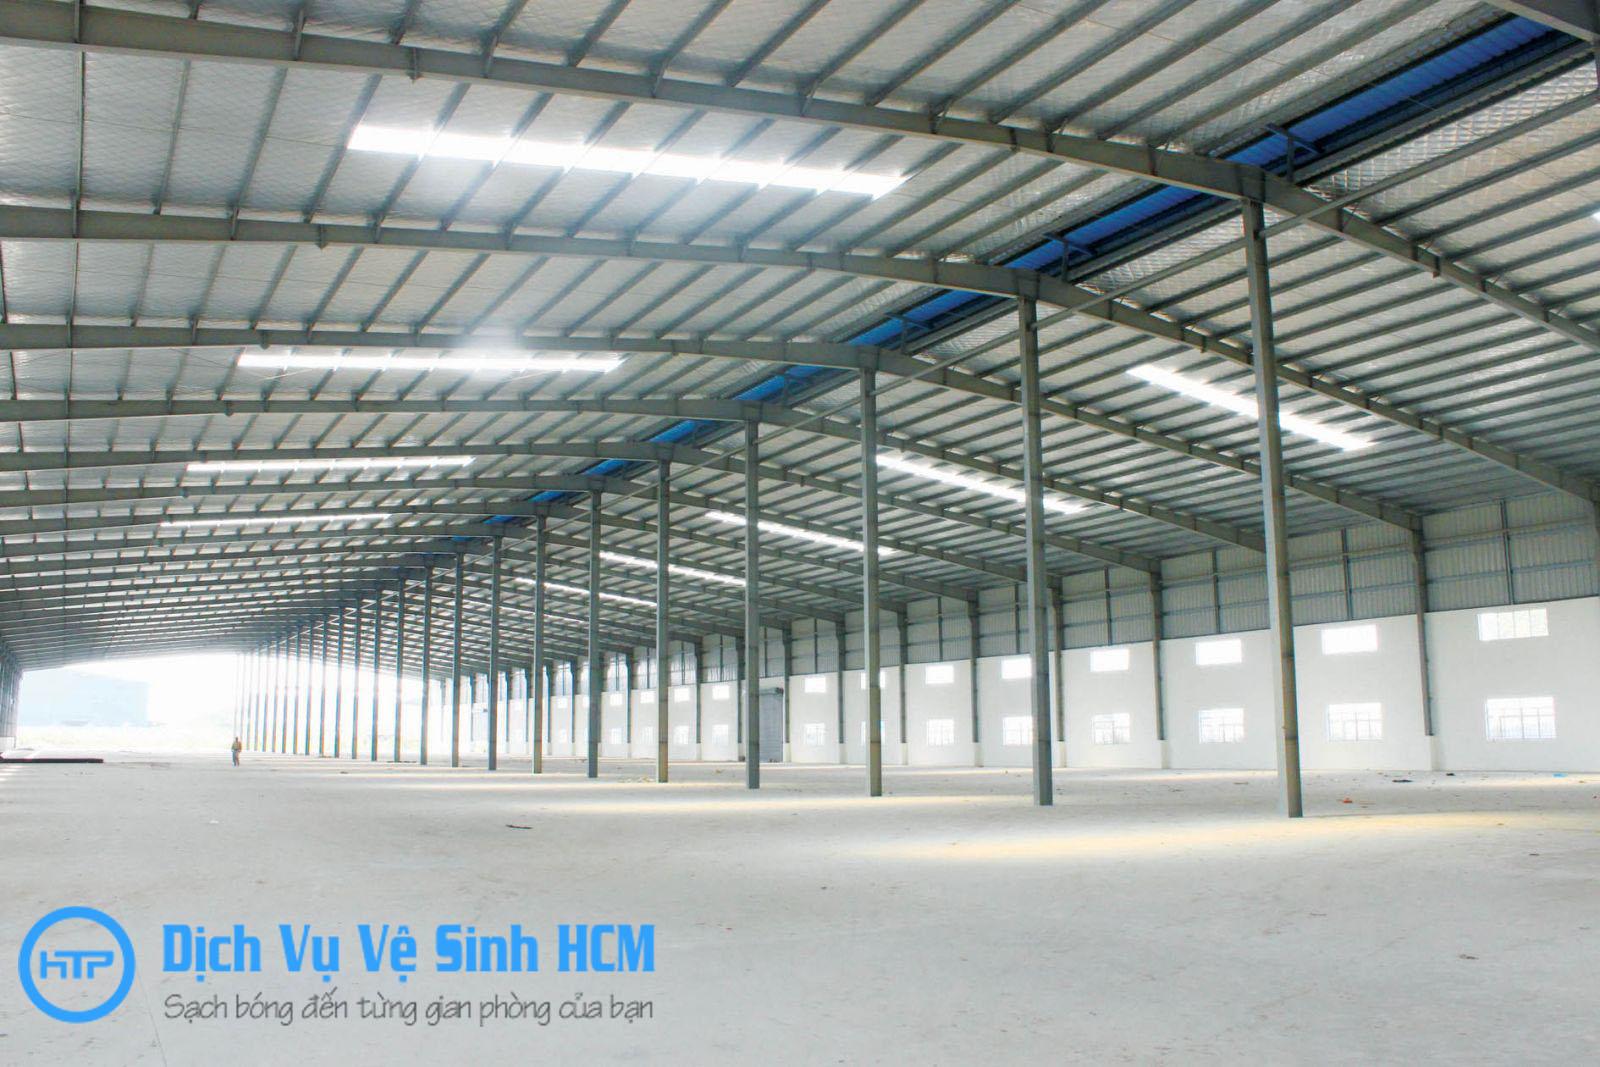 Hồng Tâm Phát chuyên nhận sửa chữa nhà xưởng giá rẻ